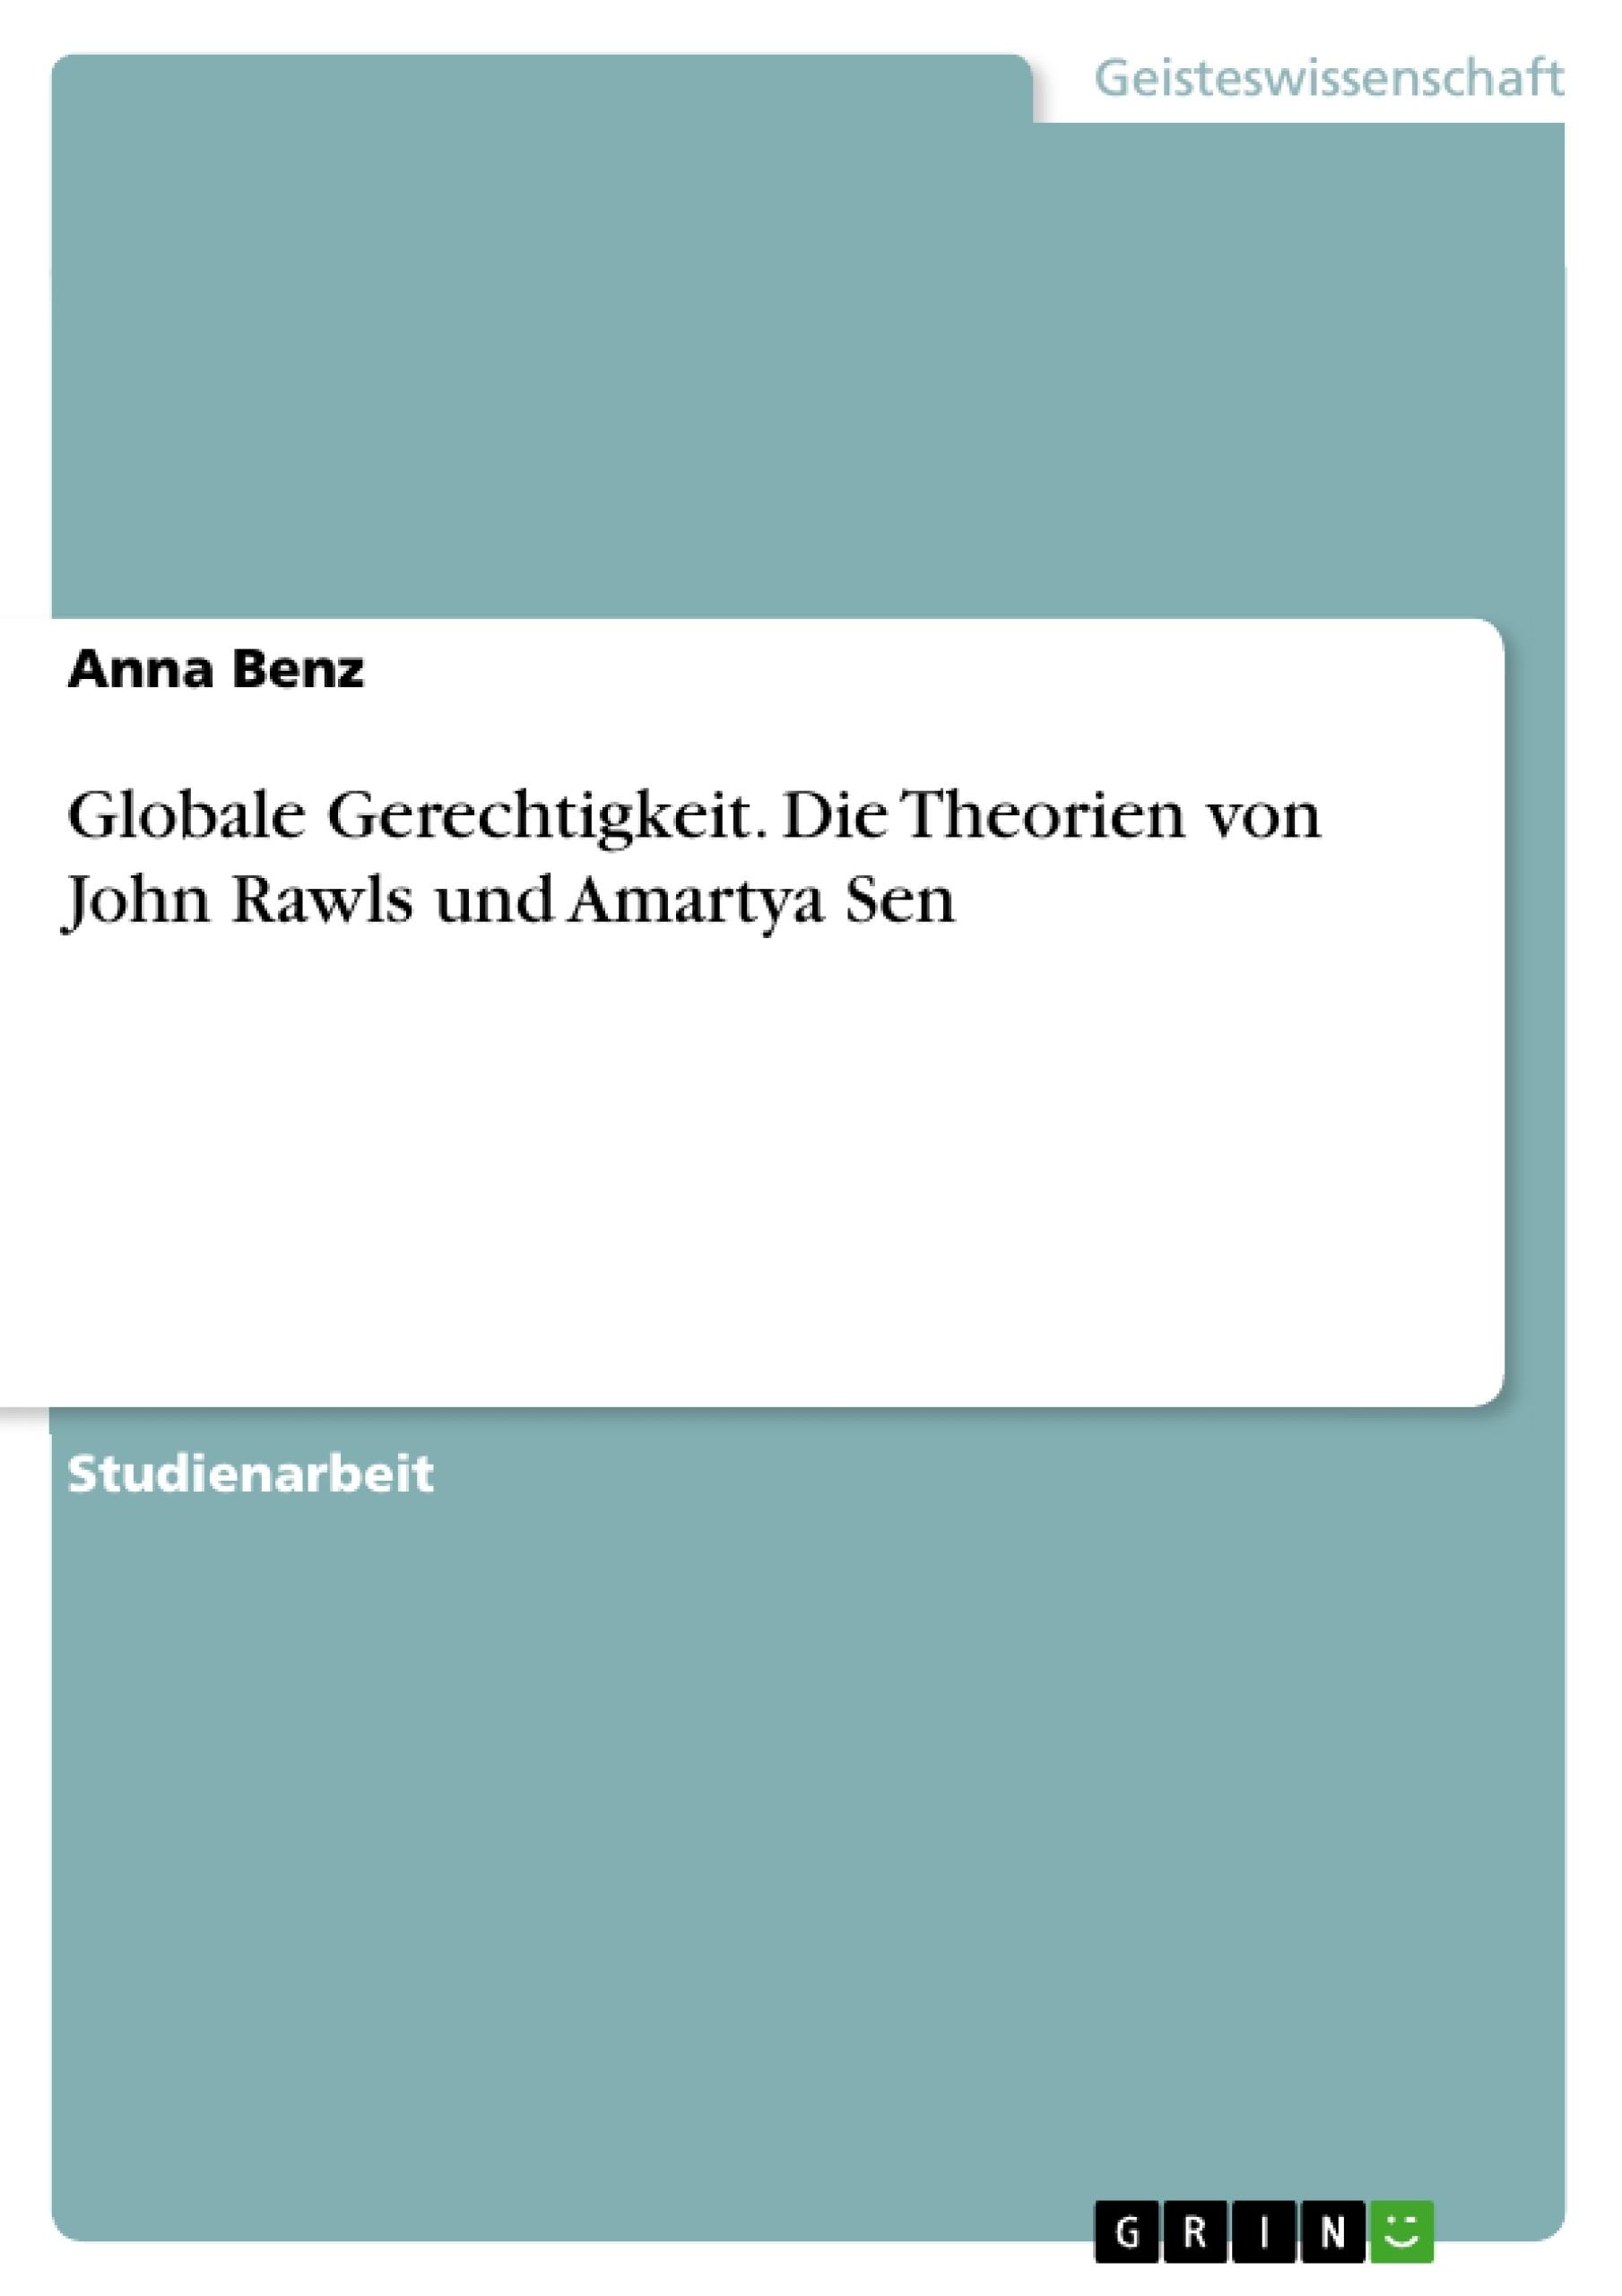 Titel: Globale Gerechtigkeit. Die Theorien von John Rawls und Amartya Sen